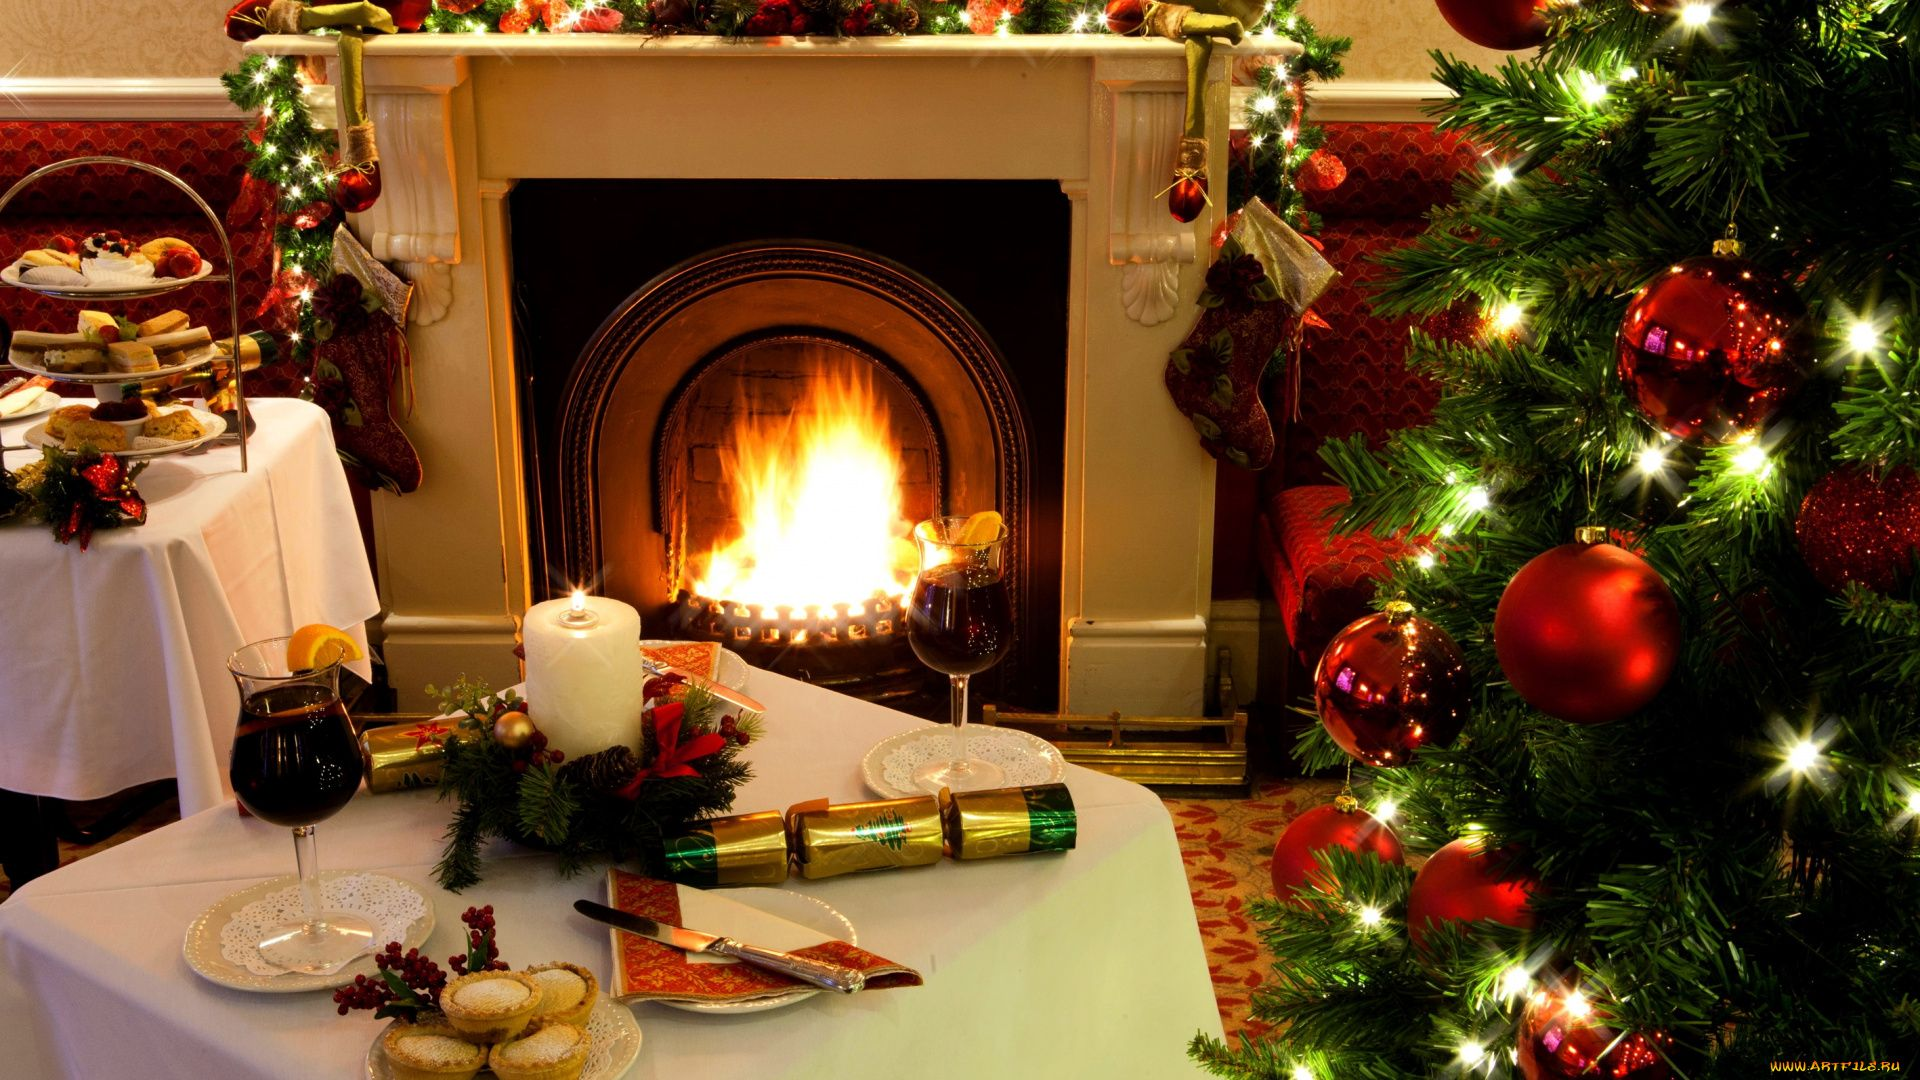 Christmas Fireplace Comfort a wallpaper